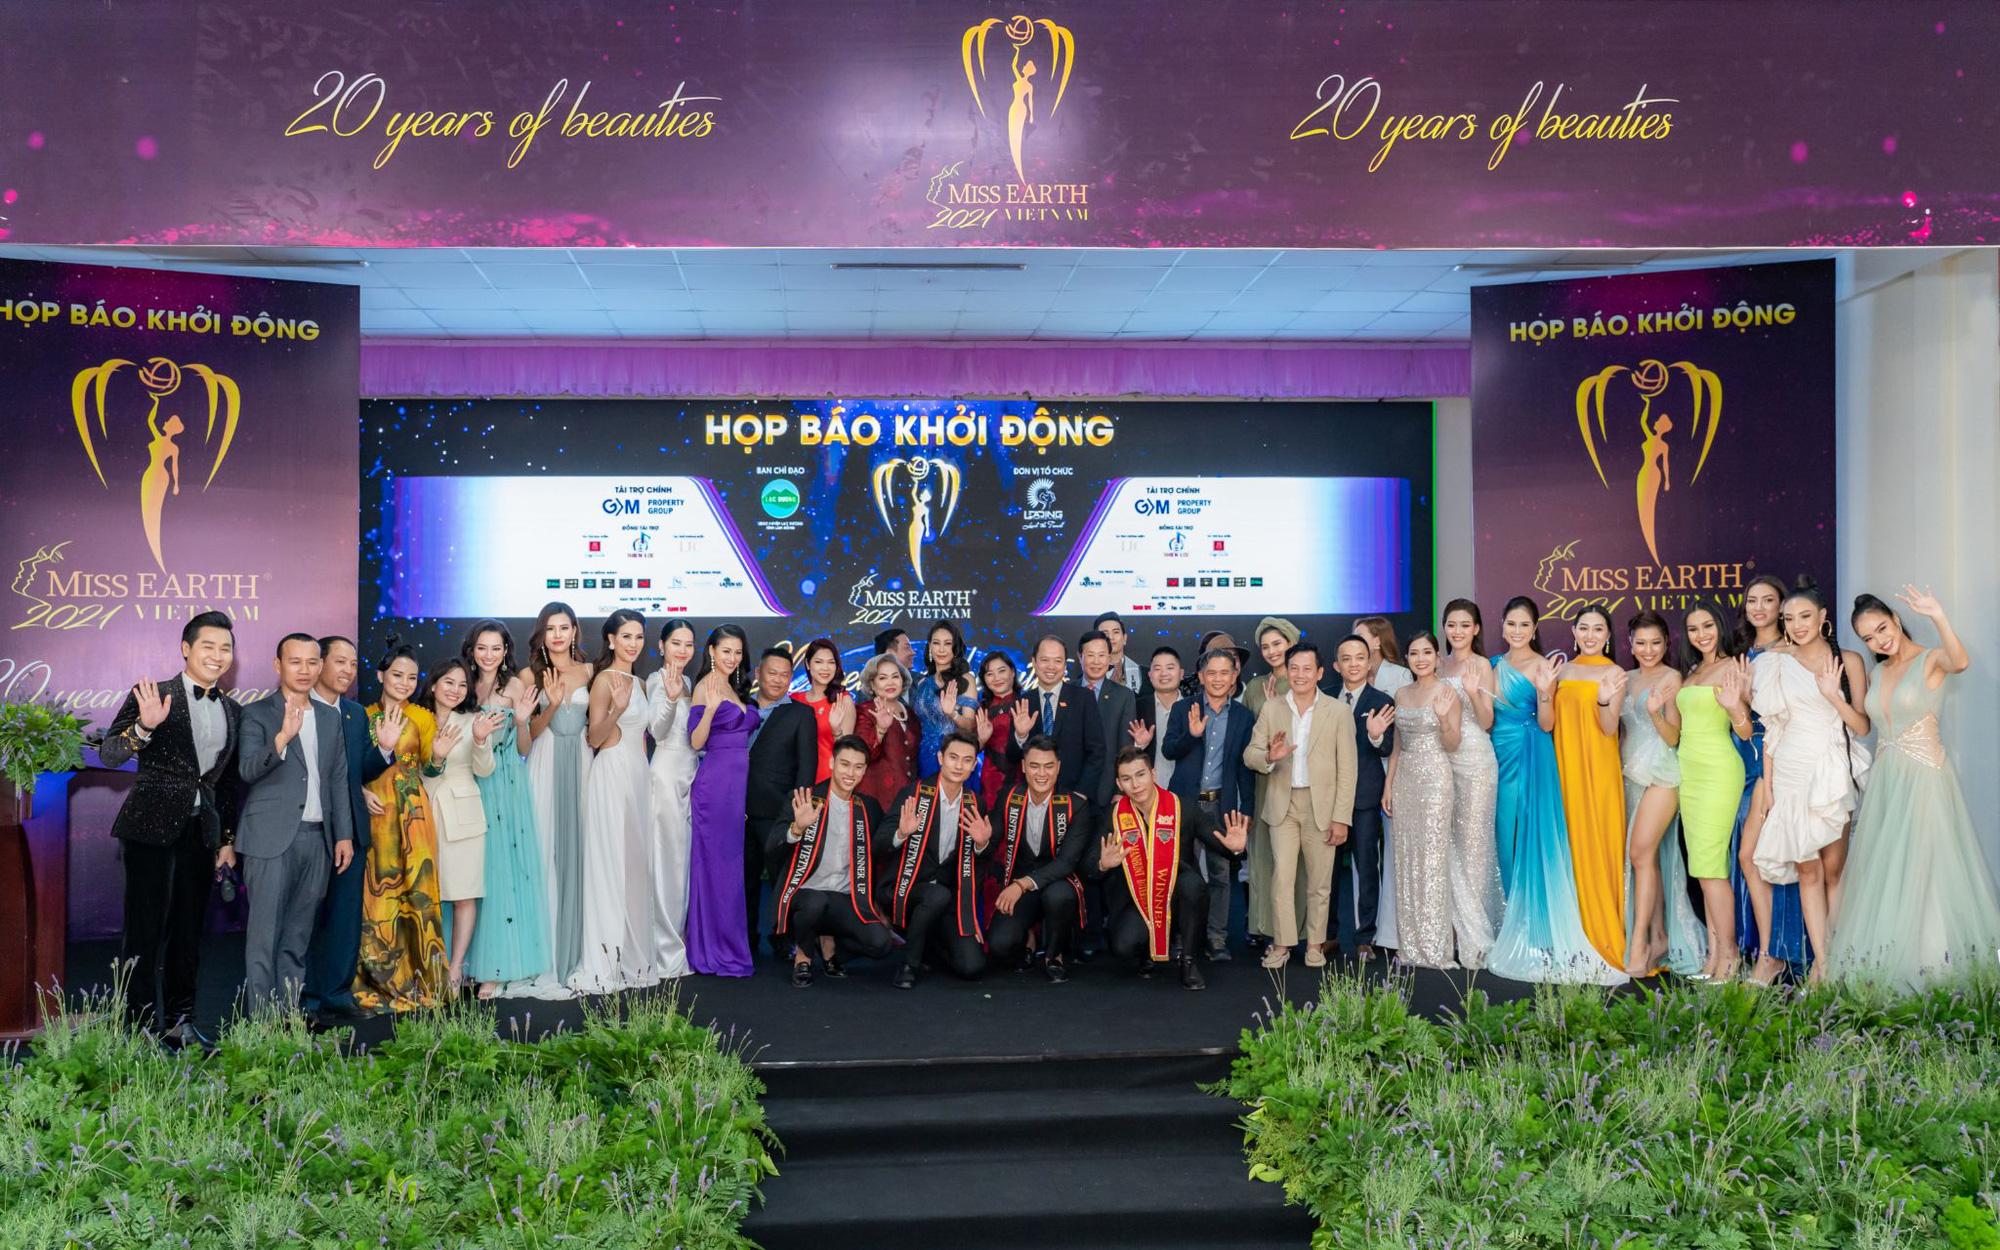 Hoa hậu Trái đất 2021 quy tụ dàn celeb khủng, hội ngộ 7 Miss Earth Vietnam - Ảnh 1.